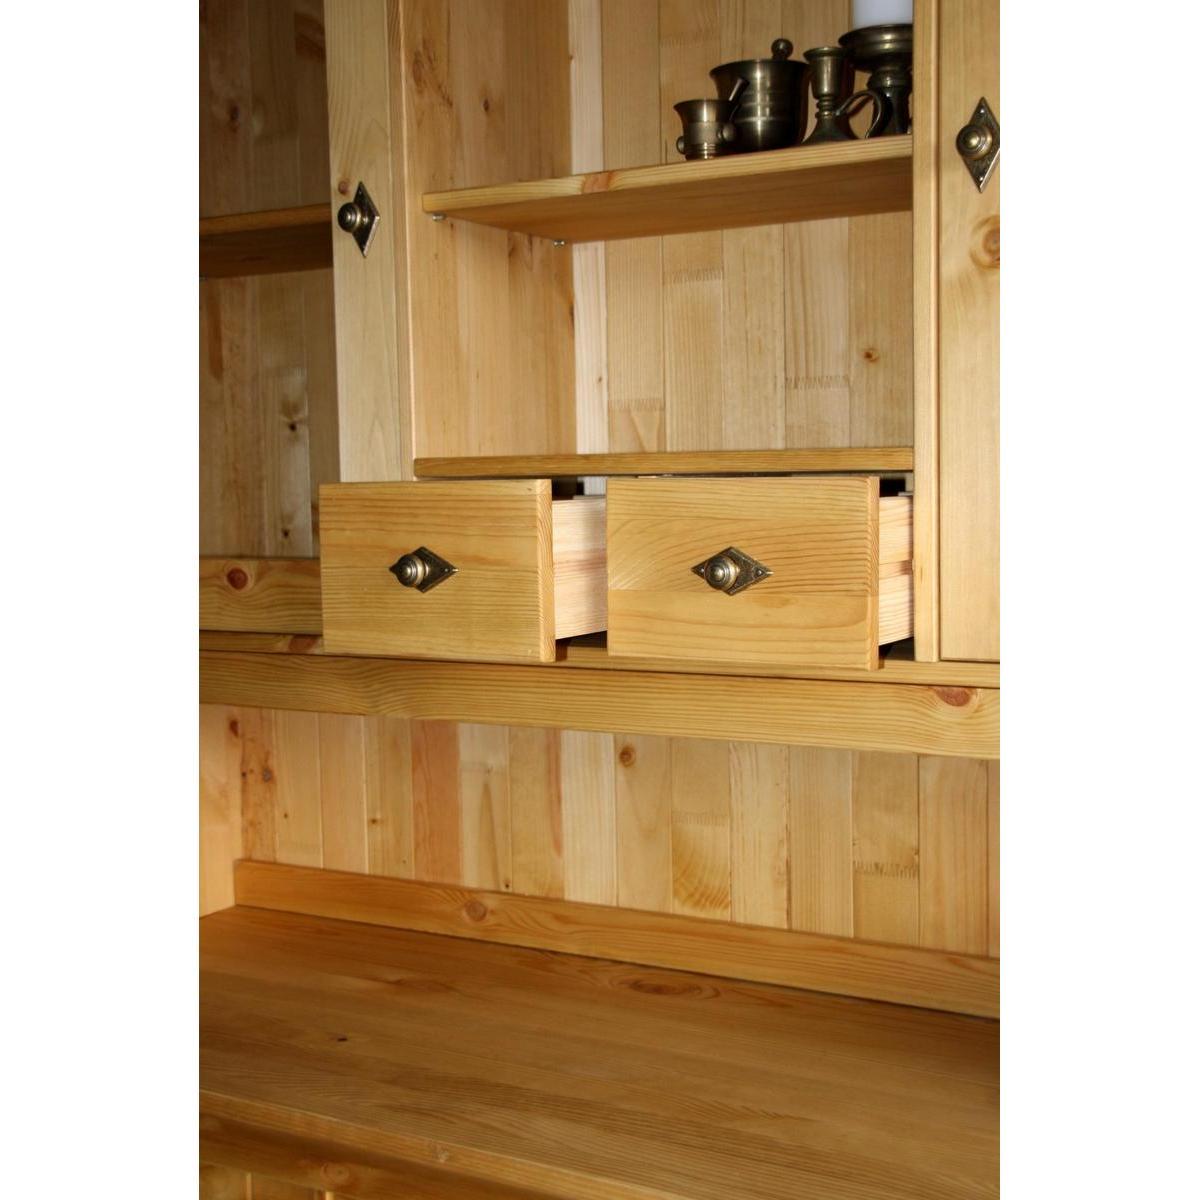 k chenbuffet landhaus bergen holz kiefer massiv gebeizt ge lt. Black Bedroom Furniture Sets. Home Design Ideas